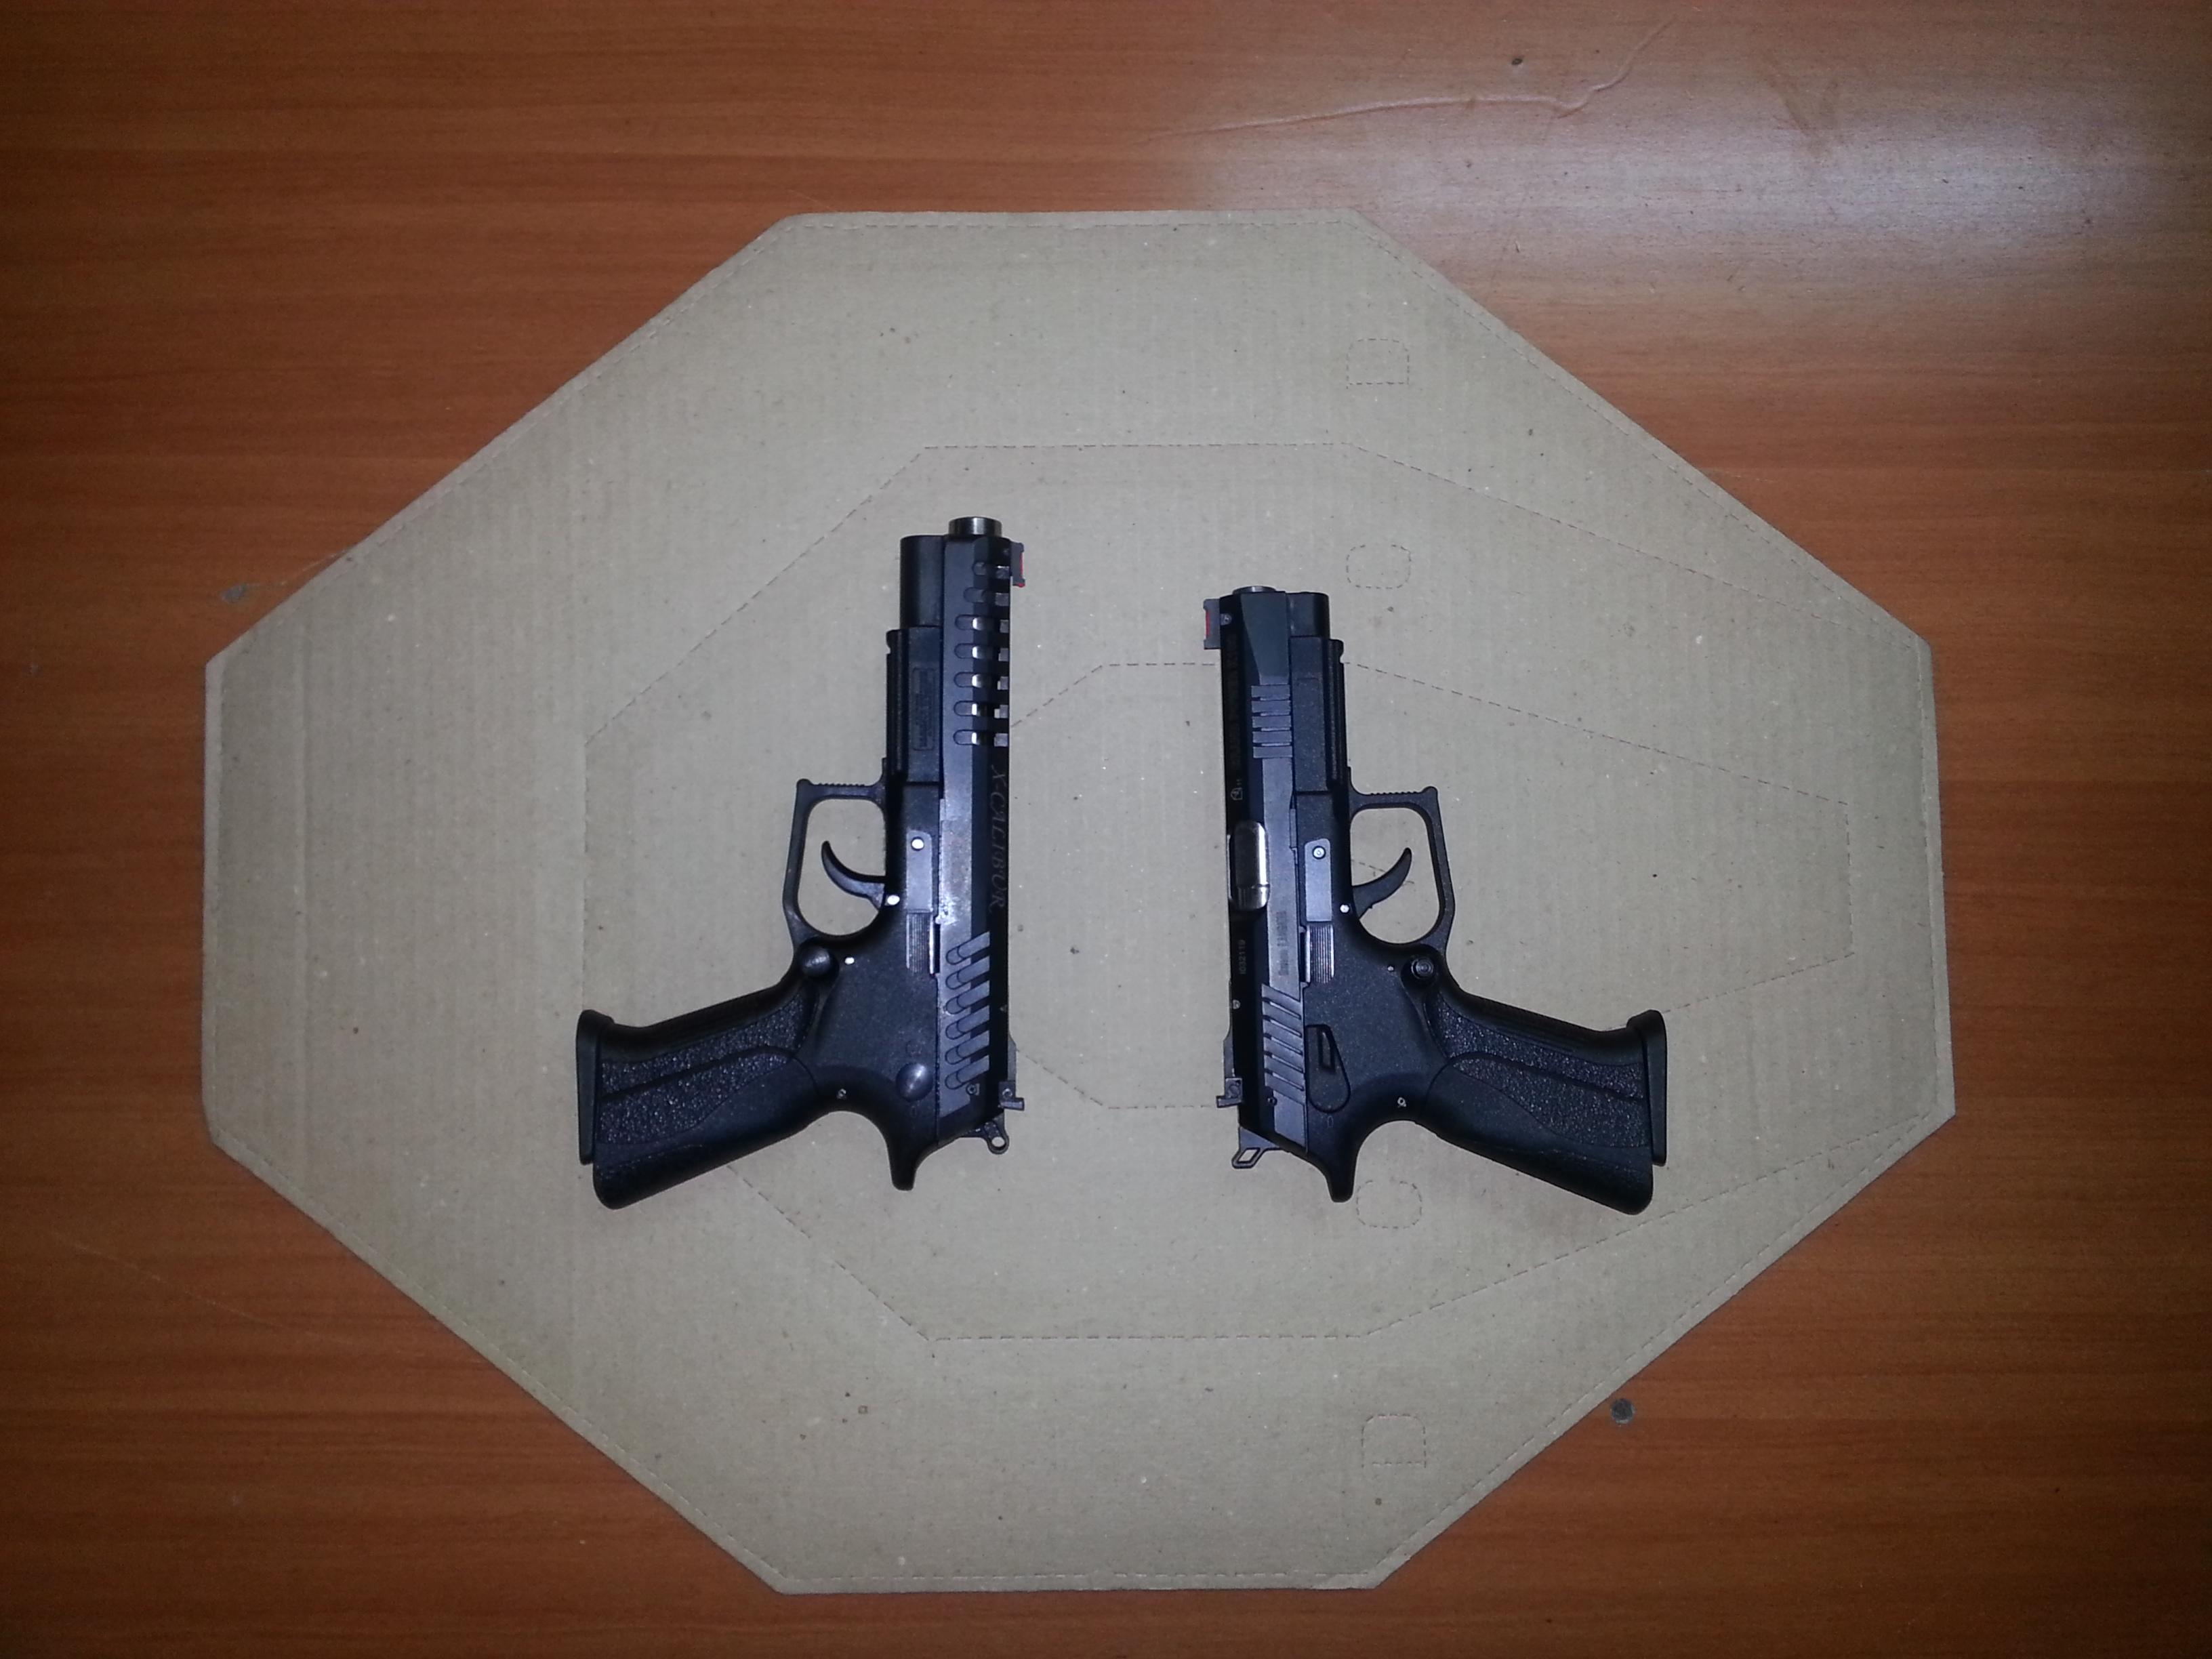 Как сделать крепление для патронов Домашнее снаряжение охотничьих патронов 10, 12, 16, 24, 28